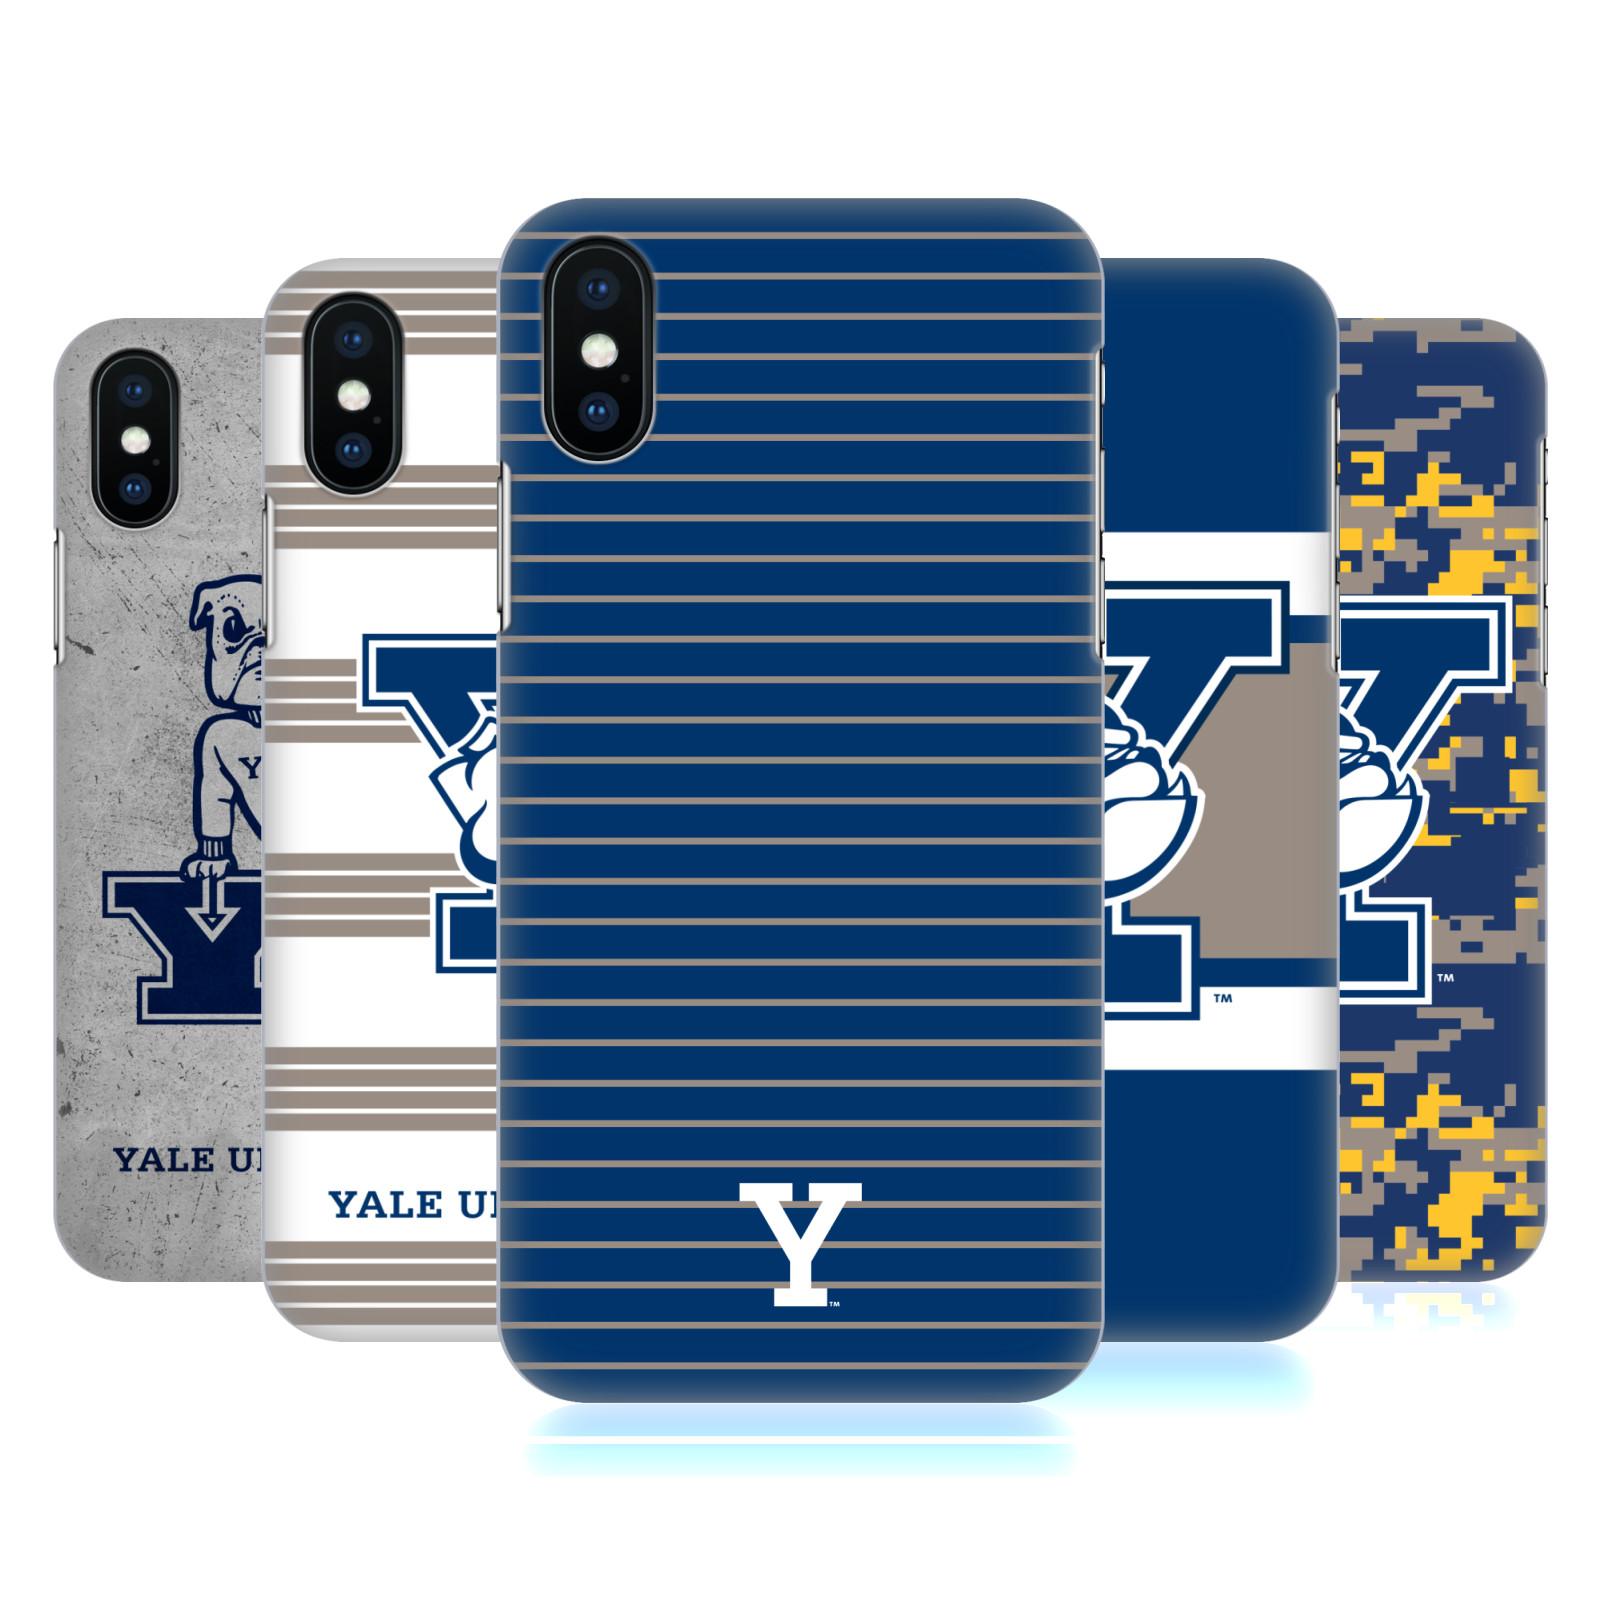 Yale University 2018/19 Patterns